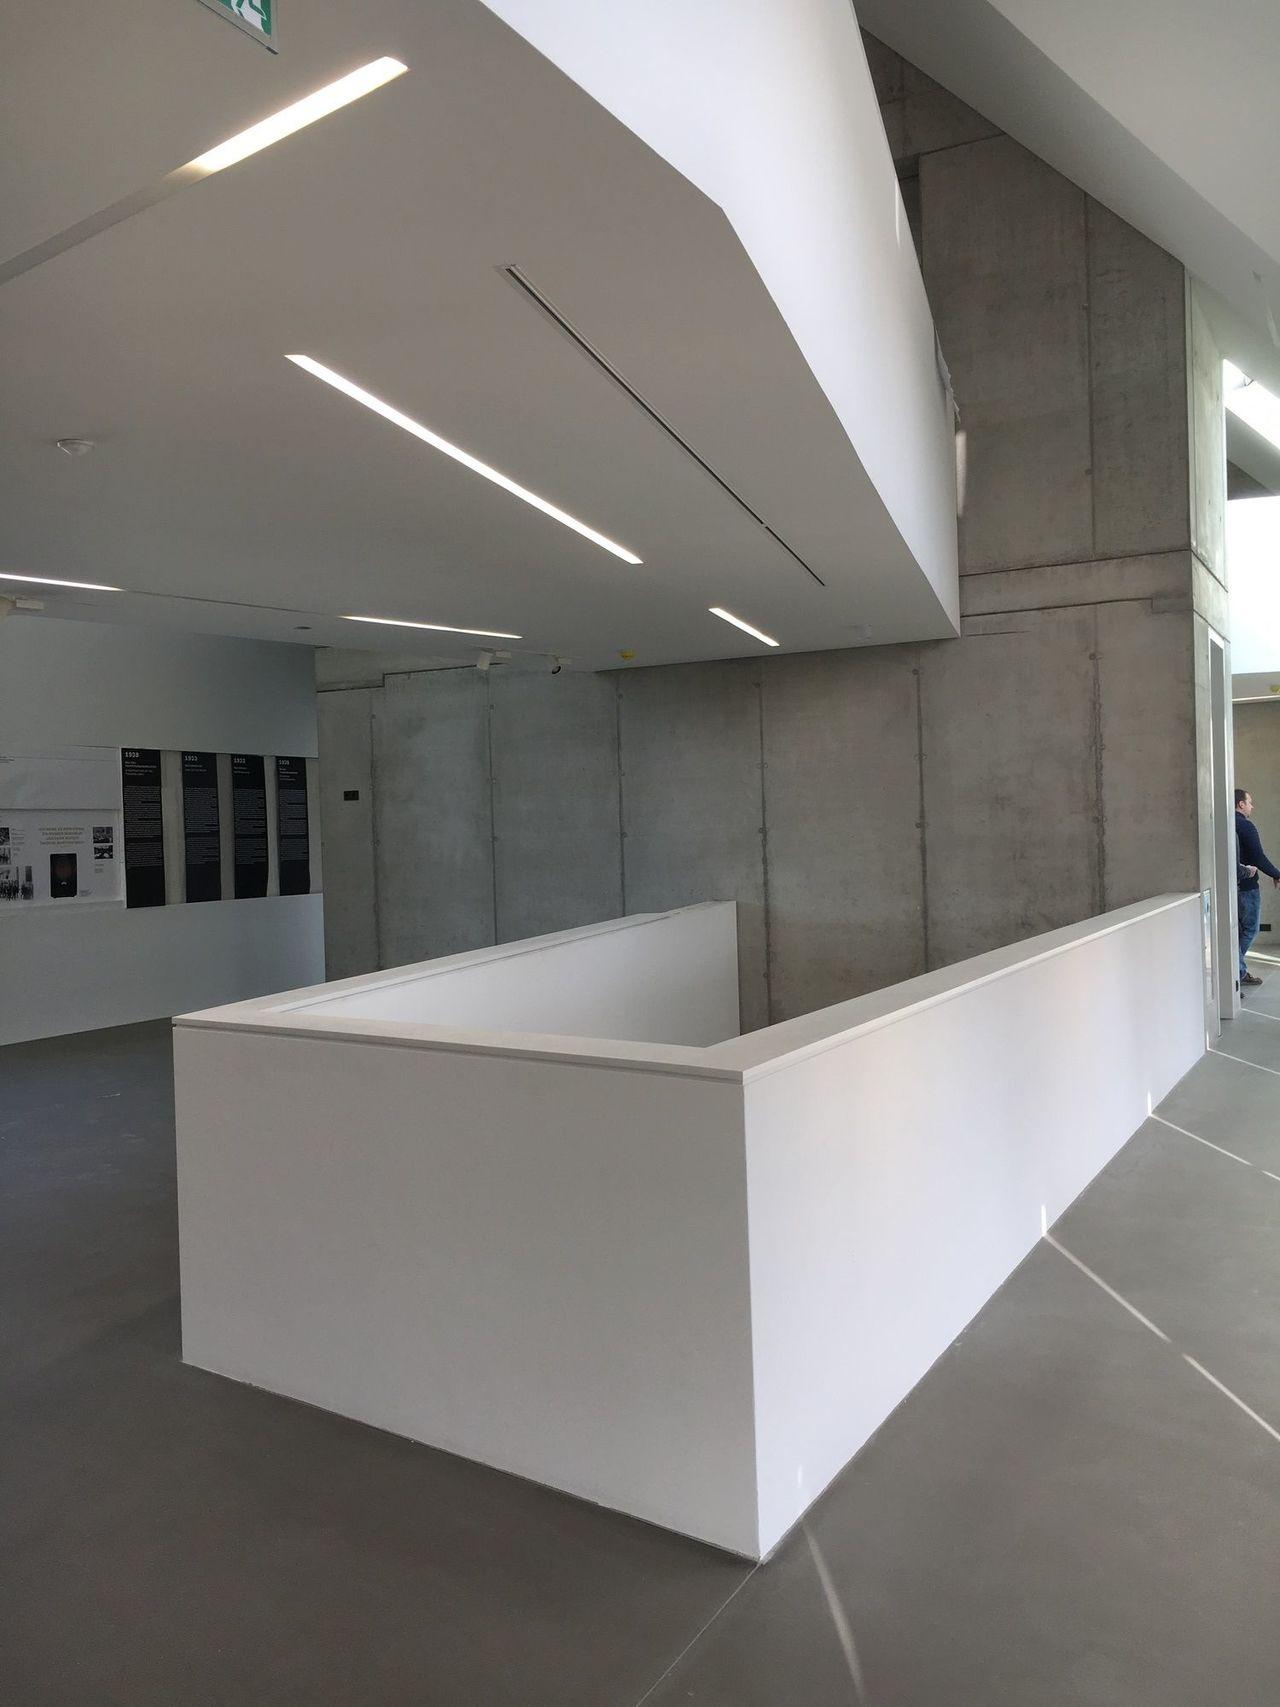 Hille Architekten architektenkammer rheinland pfalz detail